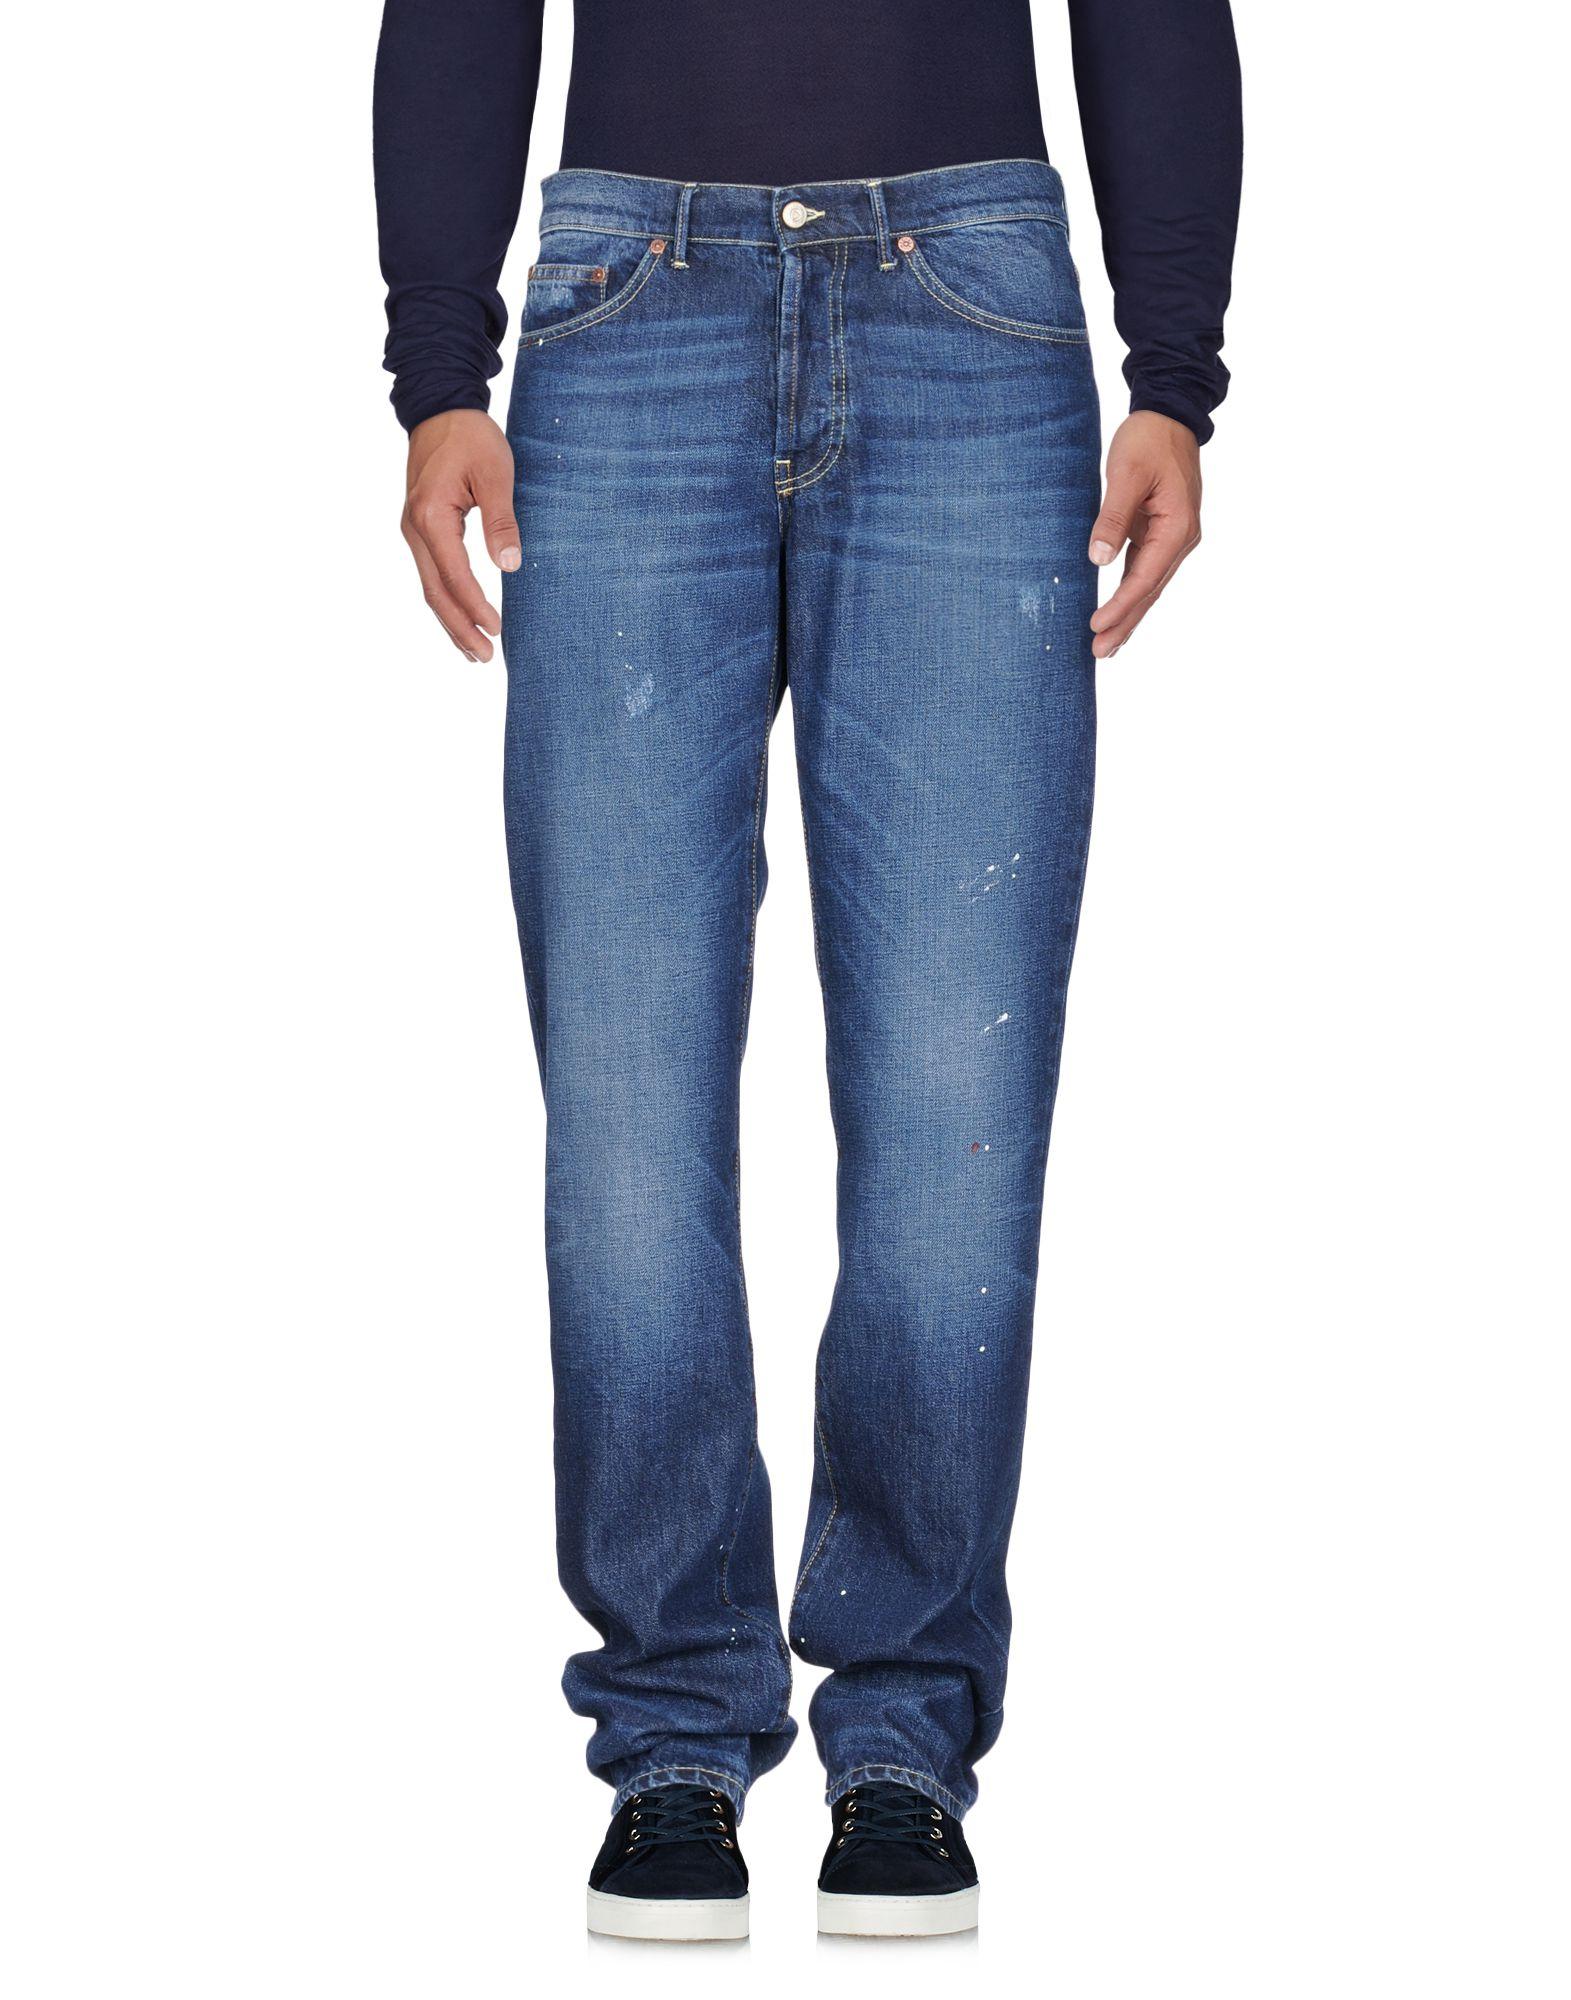 Pantaloni Jeans Htc Htc Jeans Uomo - 42682246DC 9f90e0